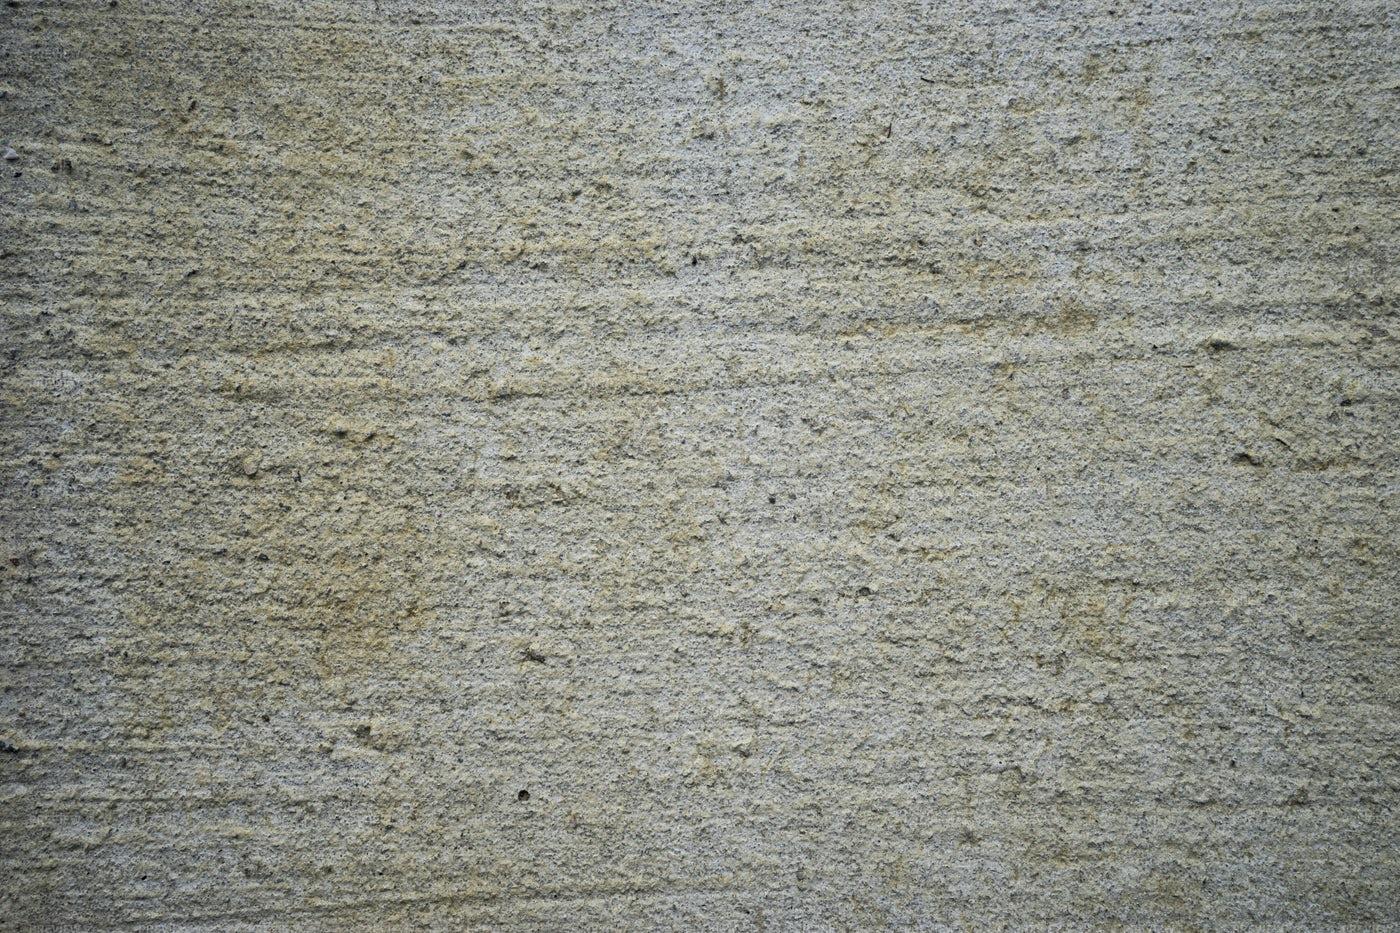 Concrete Surface: Stock Photos